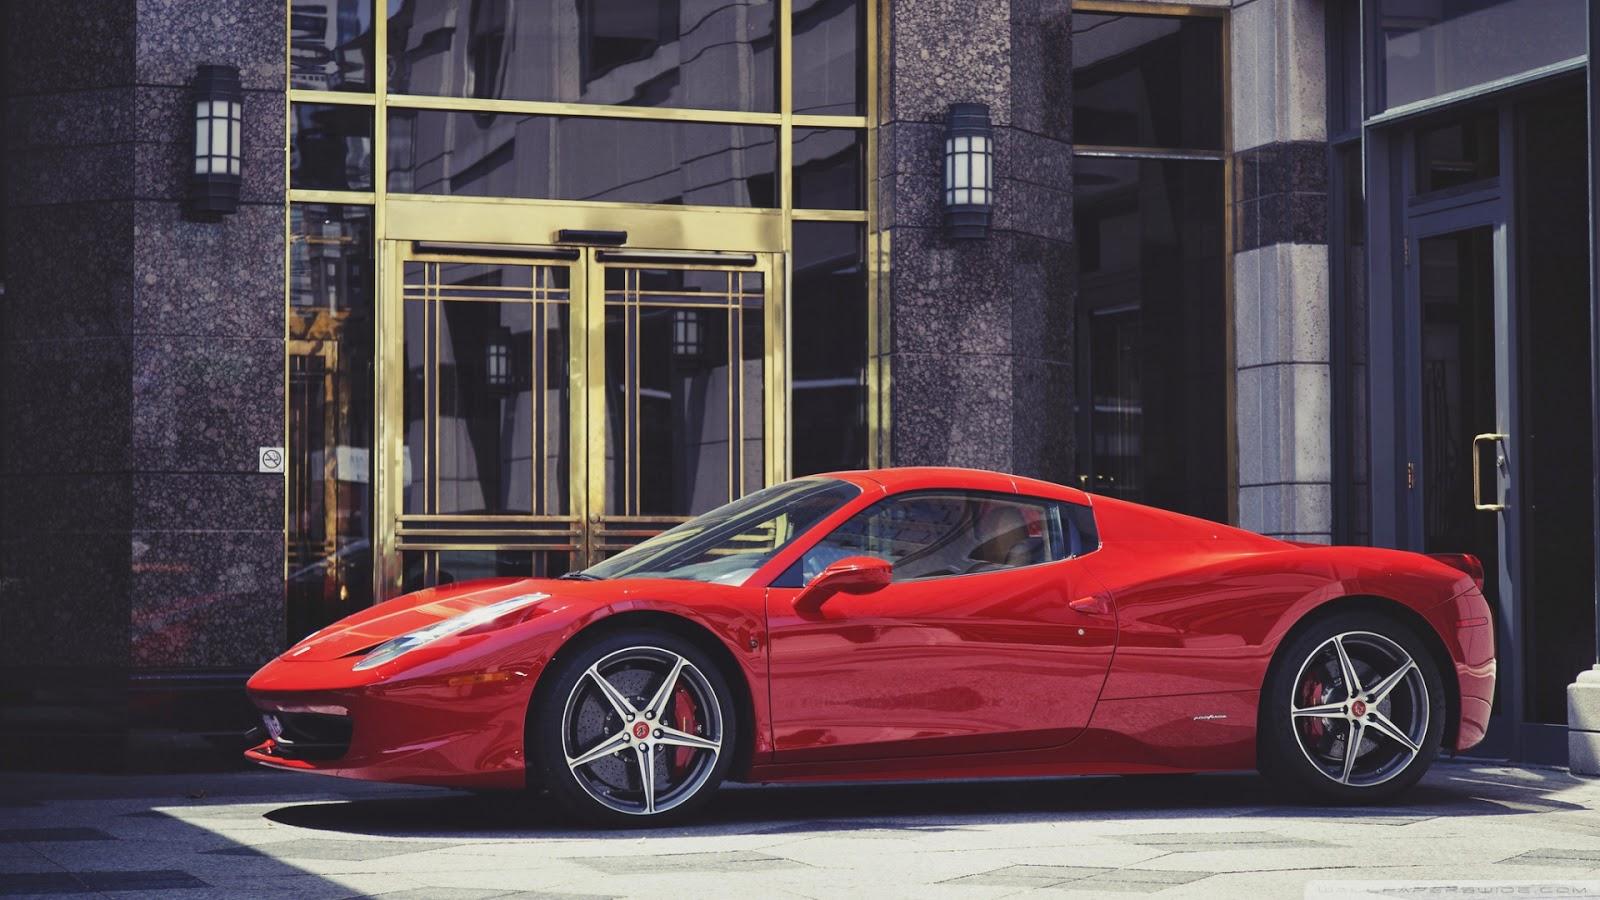 Ferrari Wallpapers, Ferrari, Ferrari Car Wallpapers, Car Wallpapers,  Vehicle Wallpapers, Wallpapers